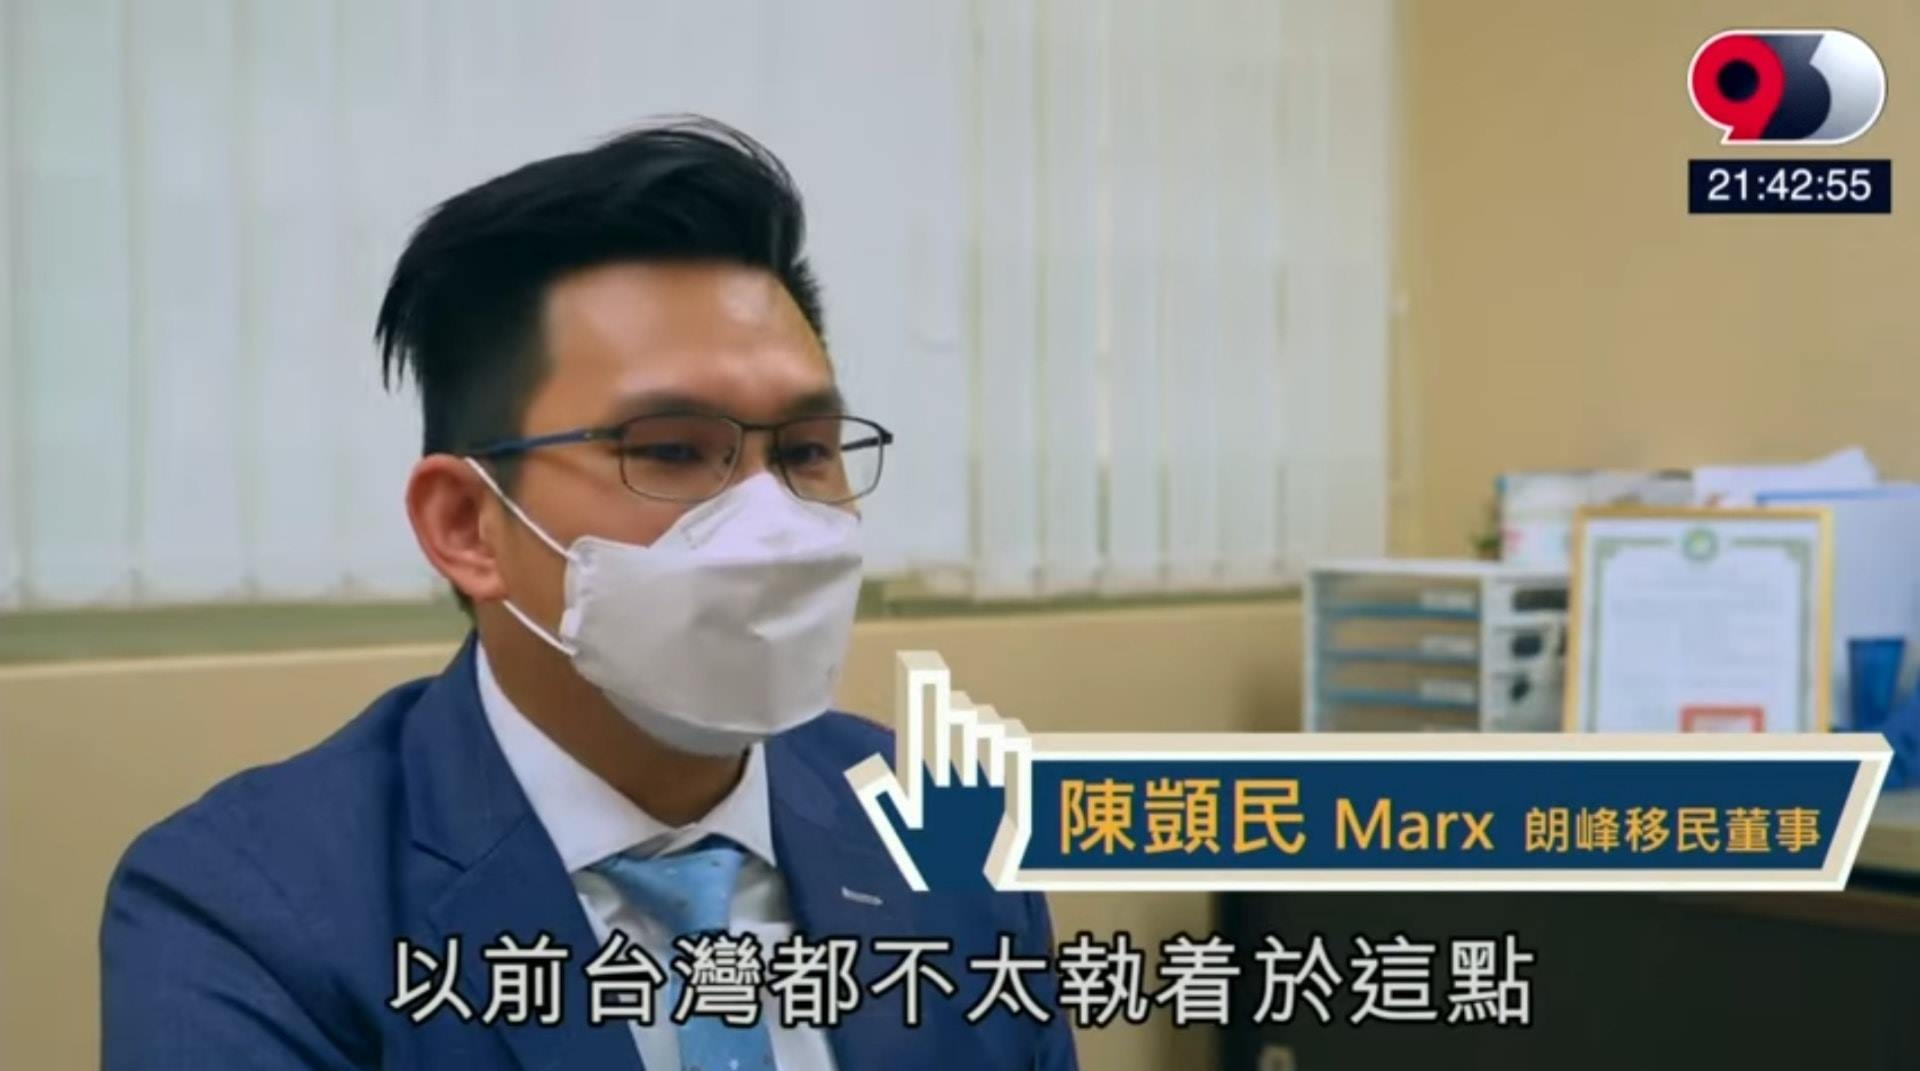 【蘋果日報】移民政策收緊 跨部門審核 百萬大陸出生港人難遷台